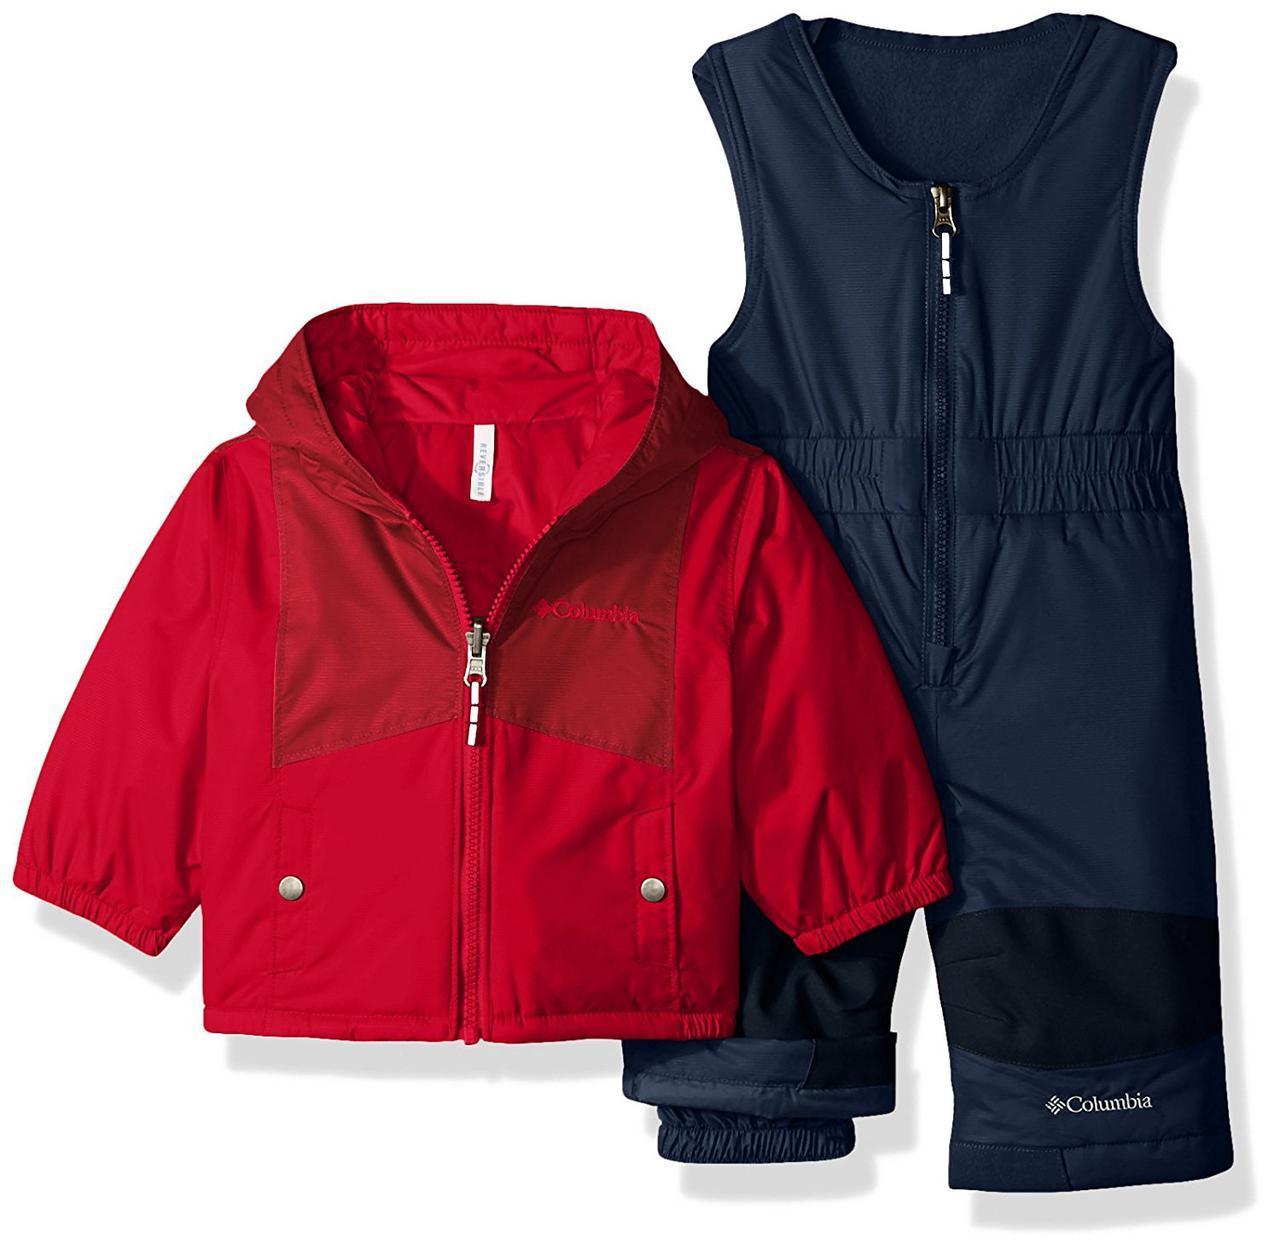 Зимовий термо костюм - напівкомбінезон і куртка Columbia для хлопчика